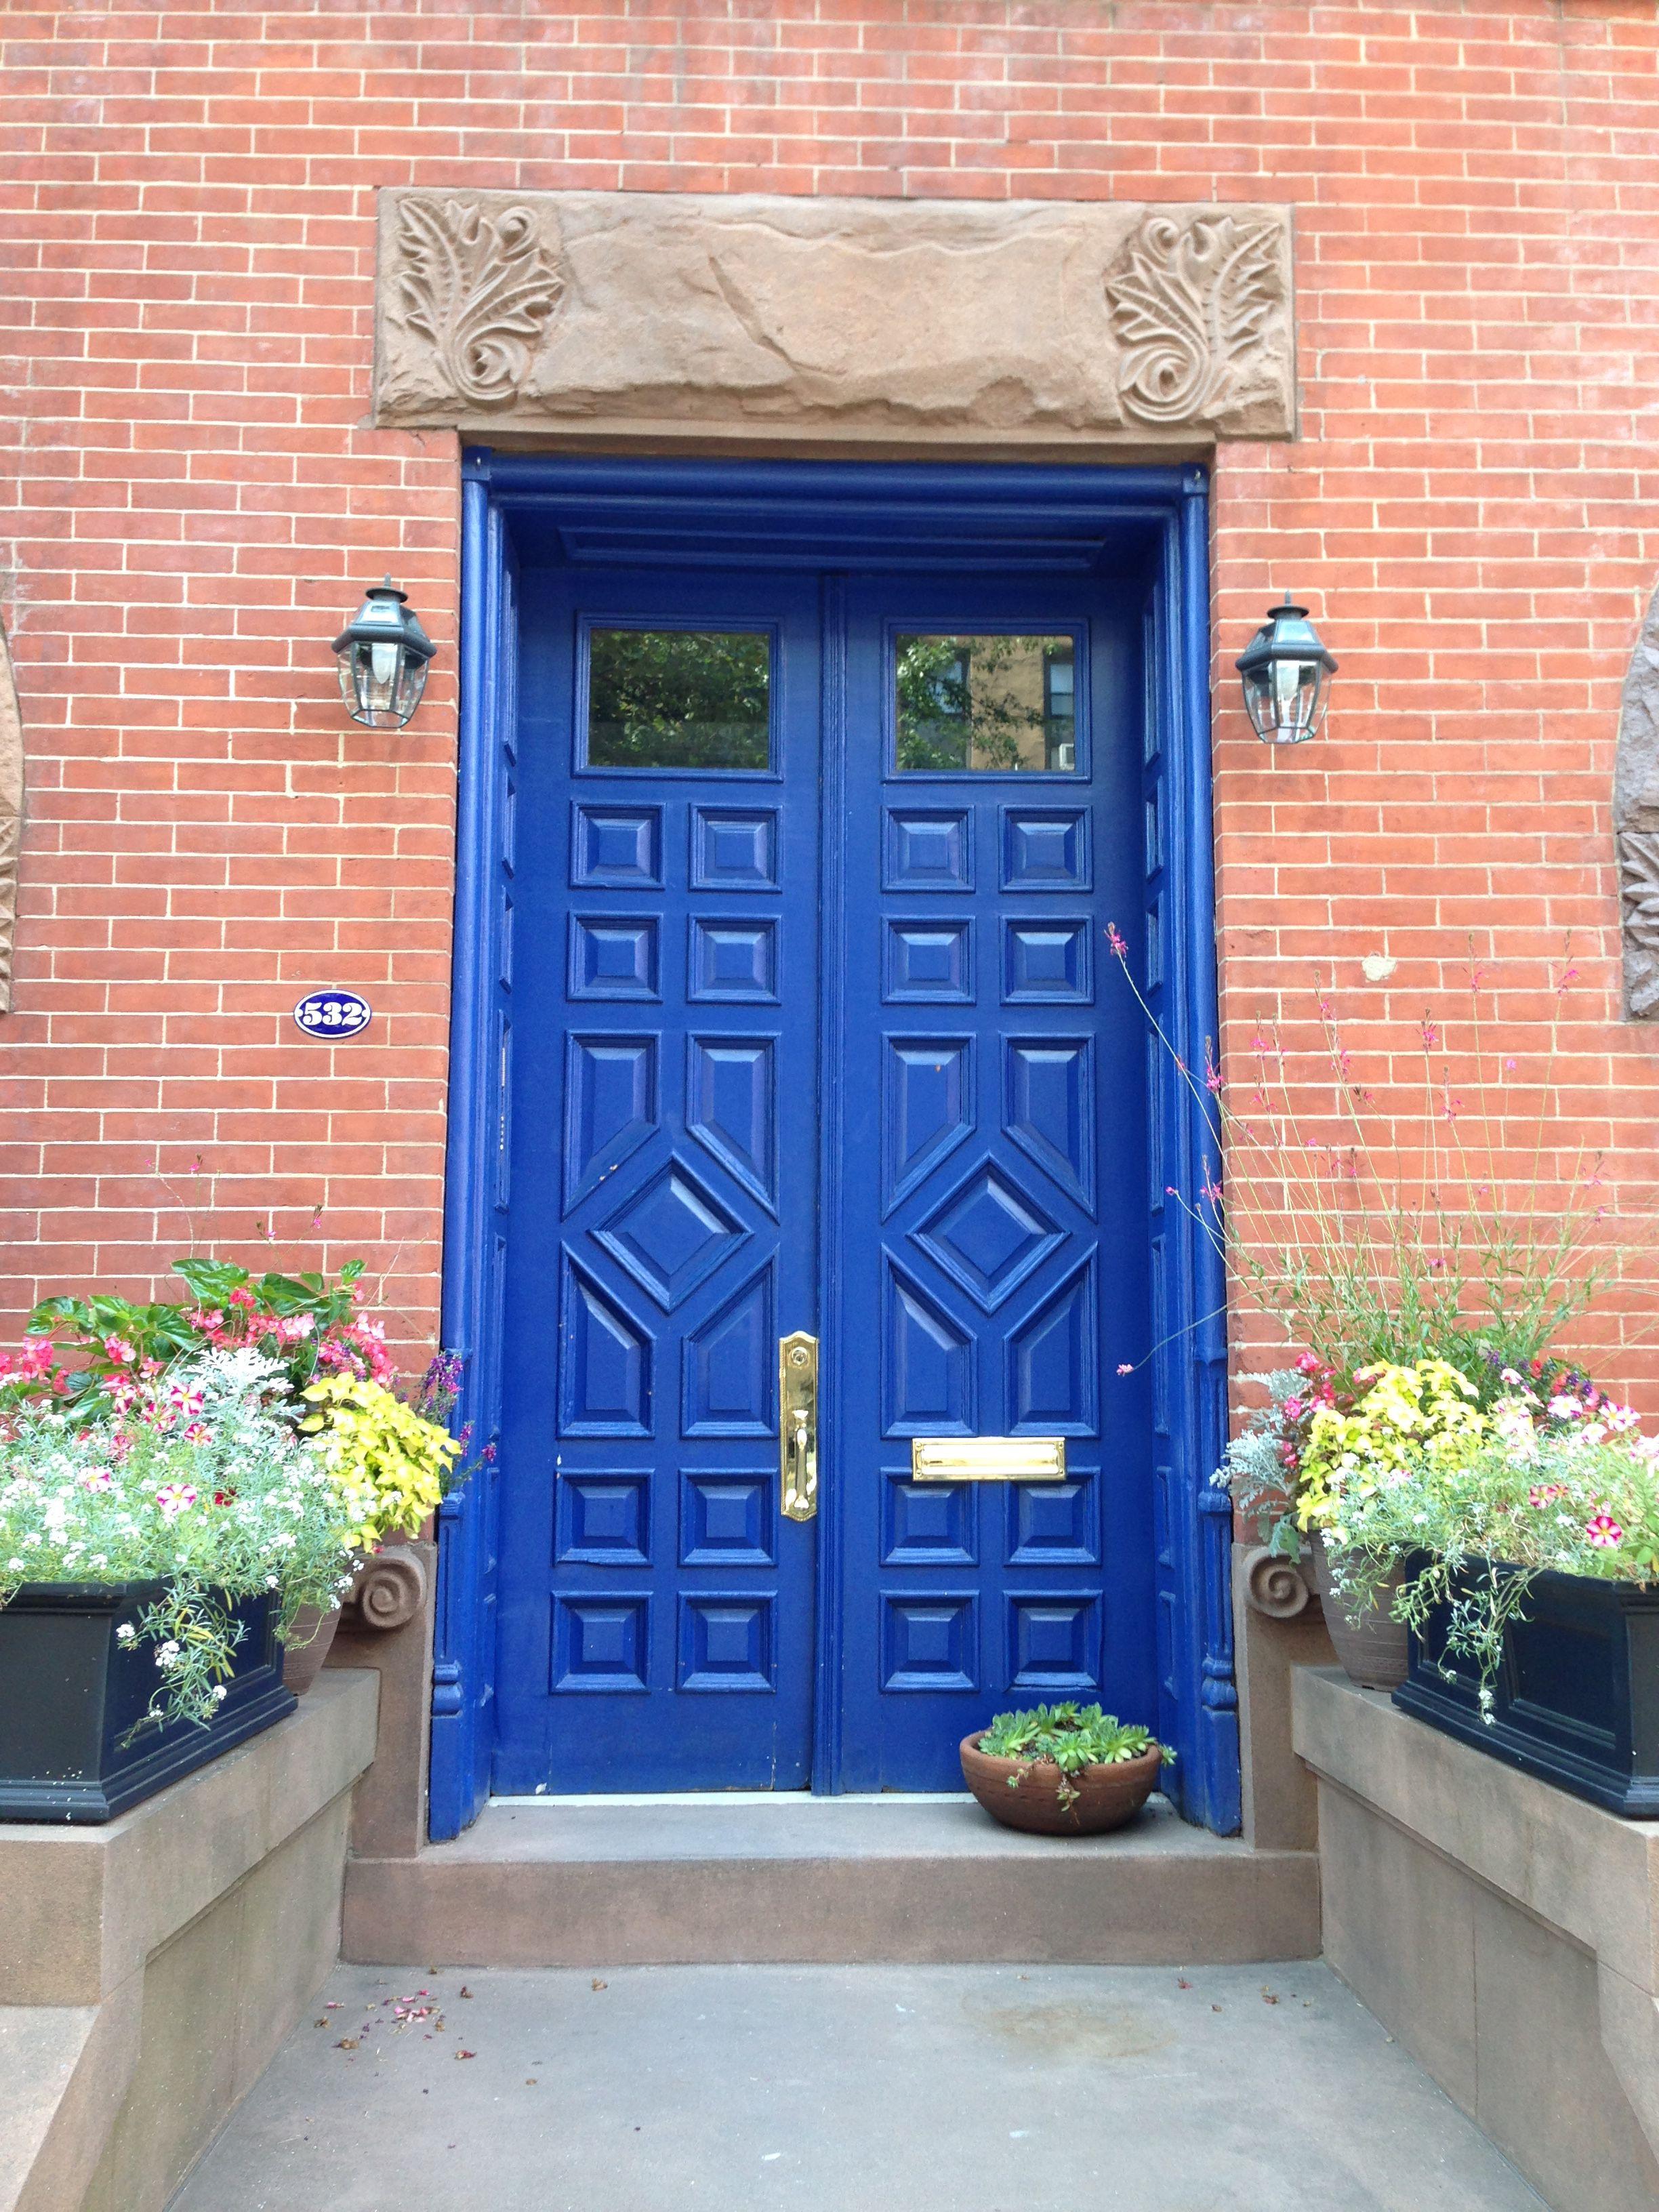 My house wednesday inspiration benjamin moore quot gentleman s gray - Brownstone Front Door Try Using Benjamin Moore Paddington Blue